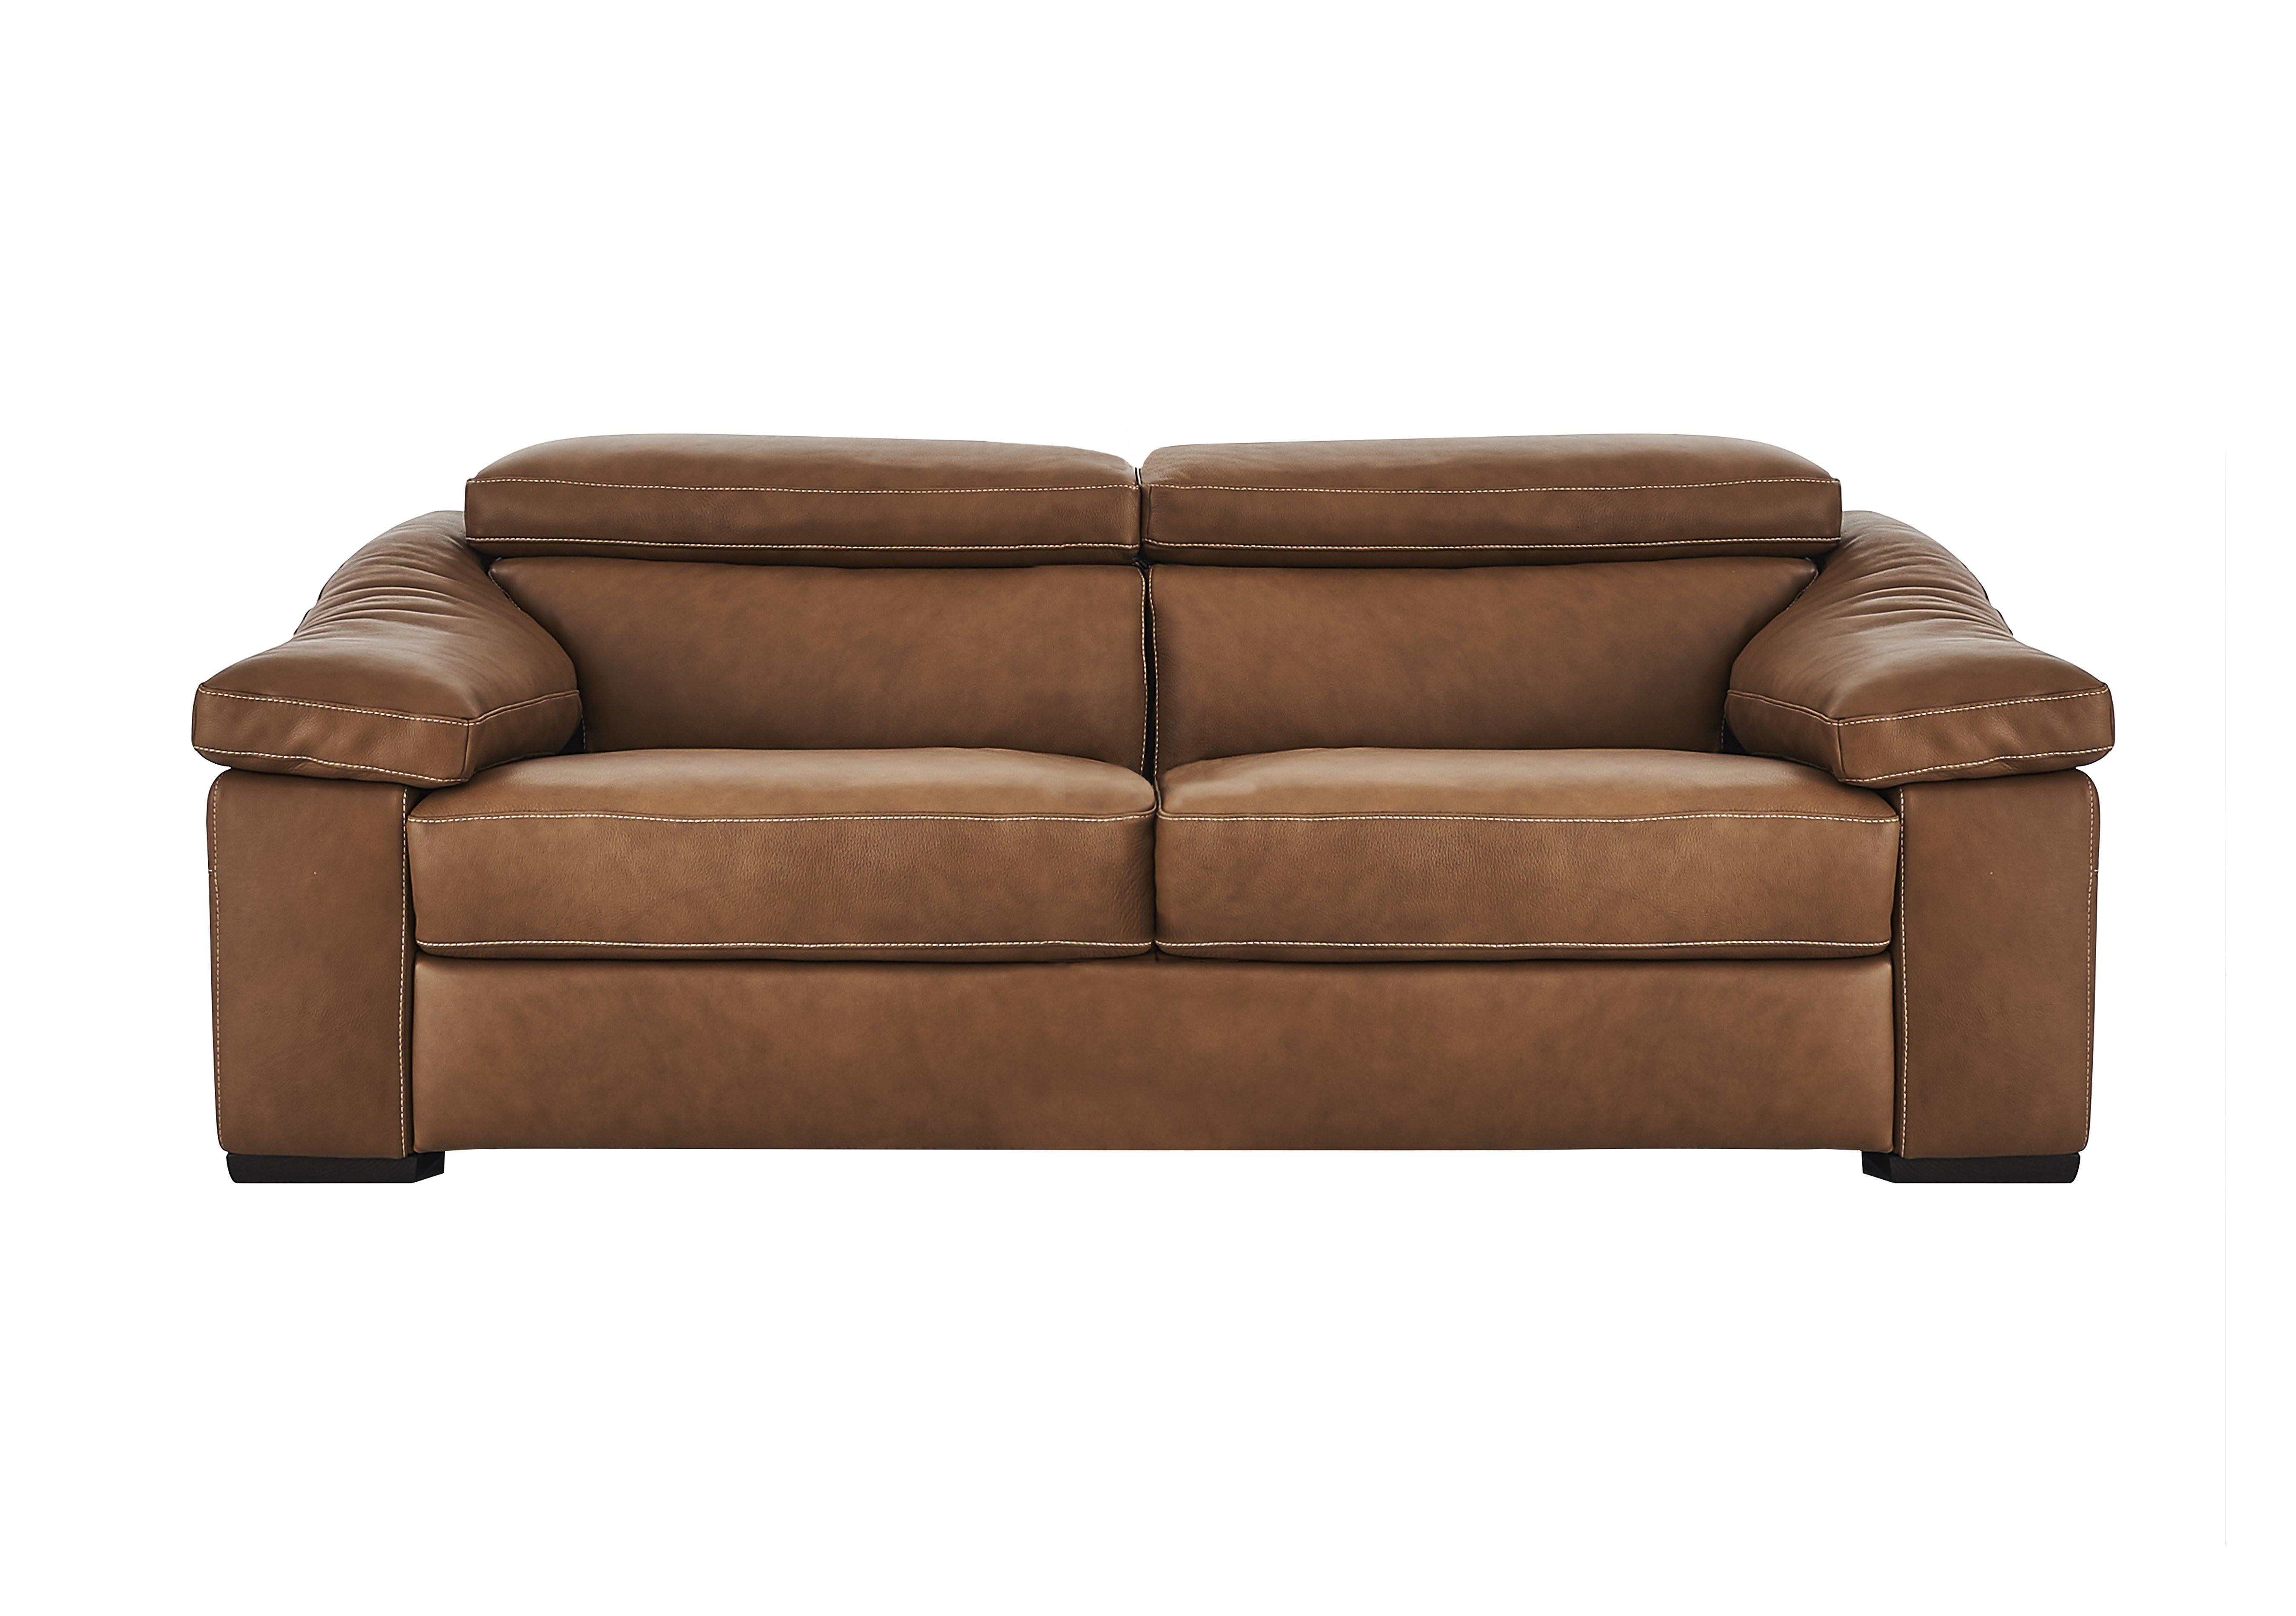 Sanremo 2 Seater Leather Sofa Natuzzi Editions Furniture Village